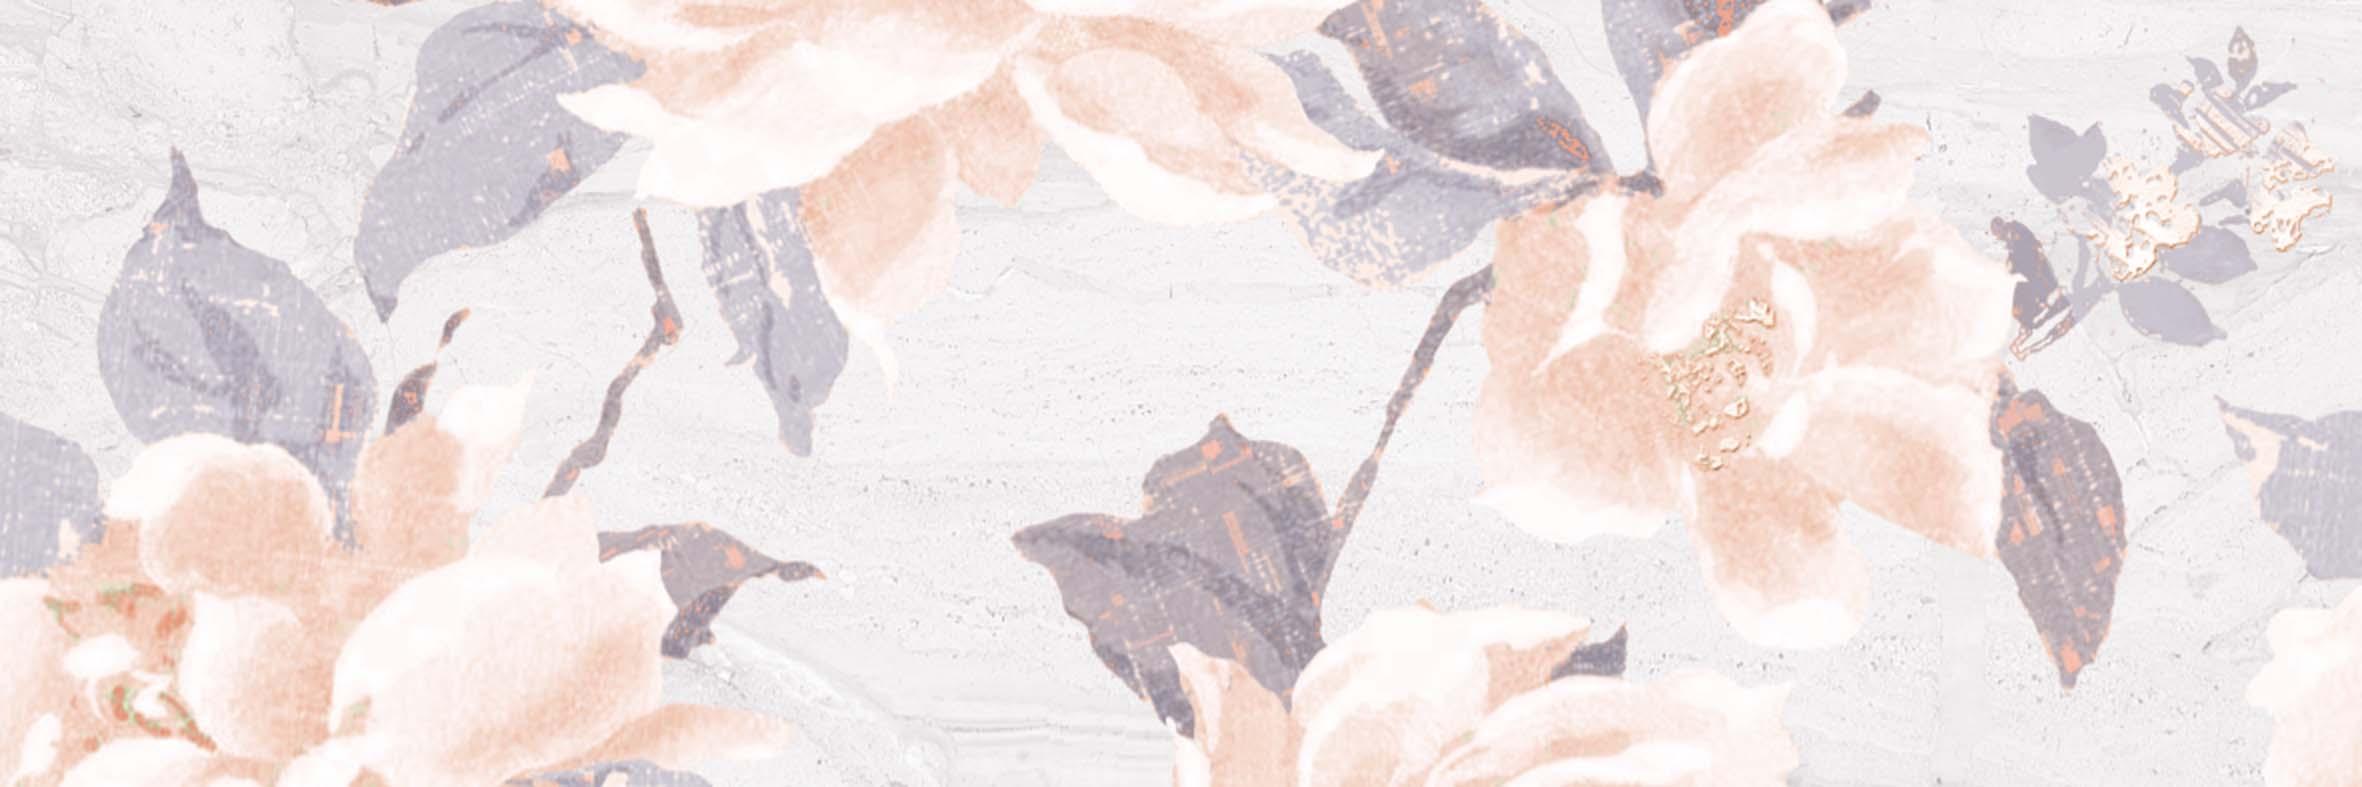 Декор Даф серый (04-01-1-17-03-06-644-0)